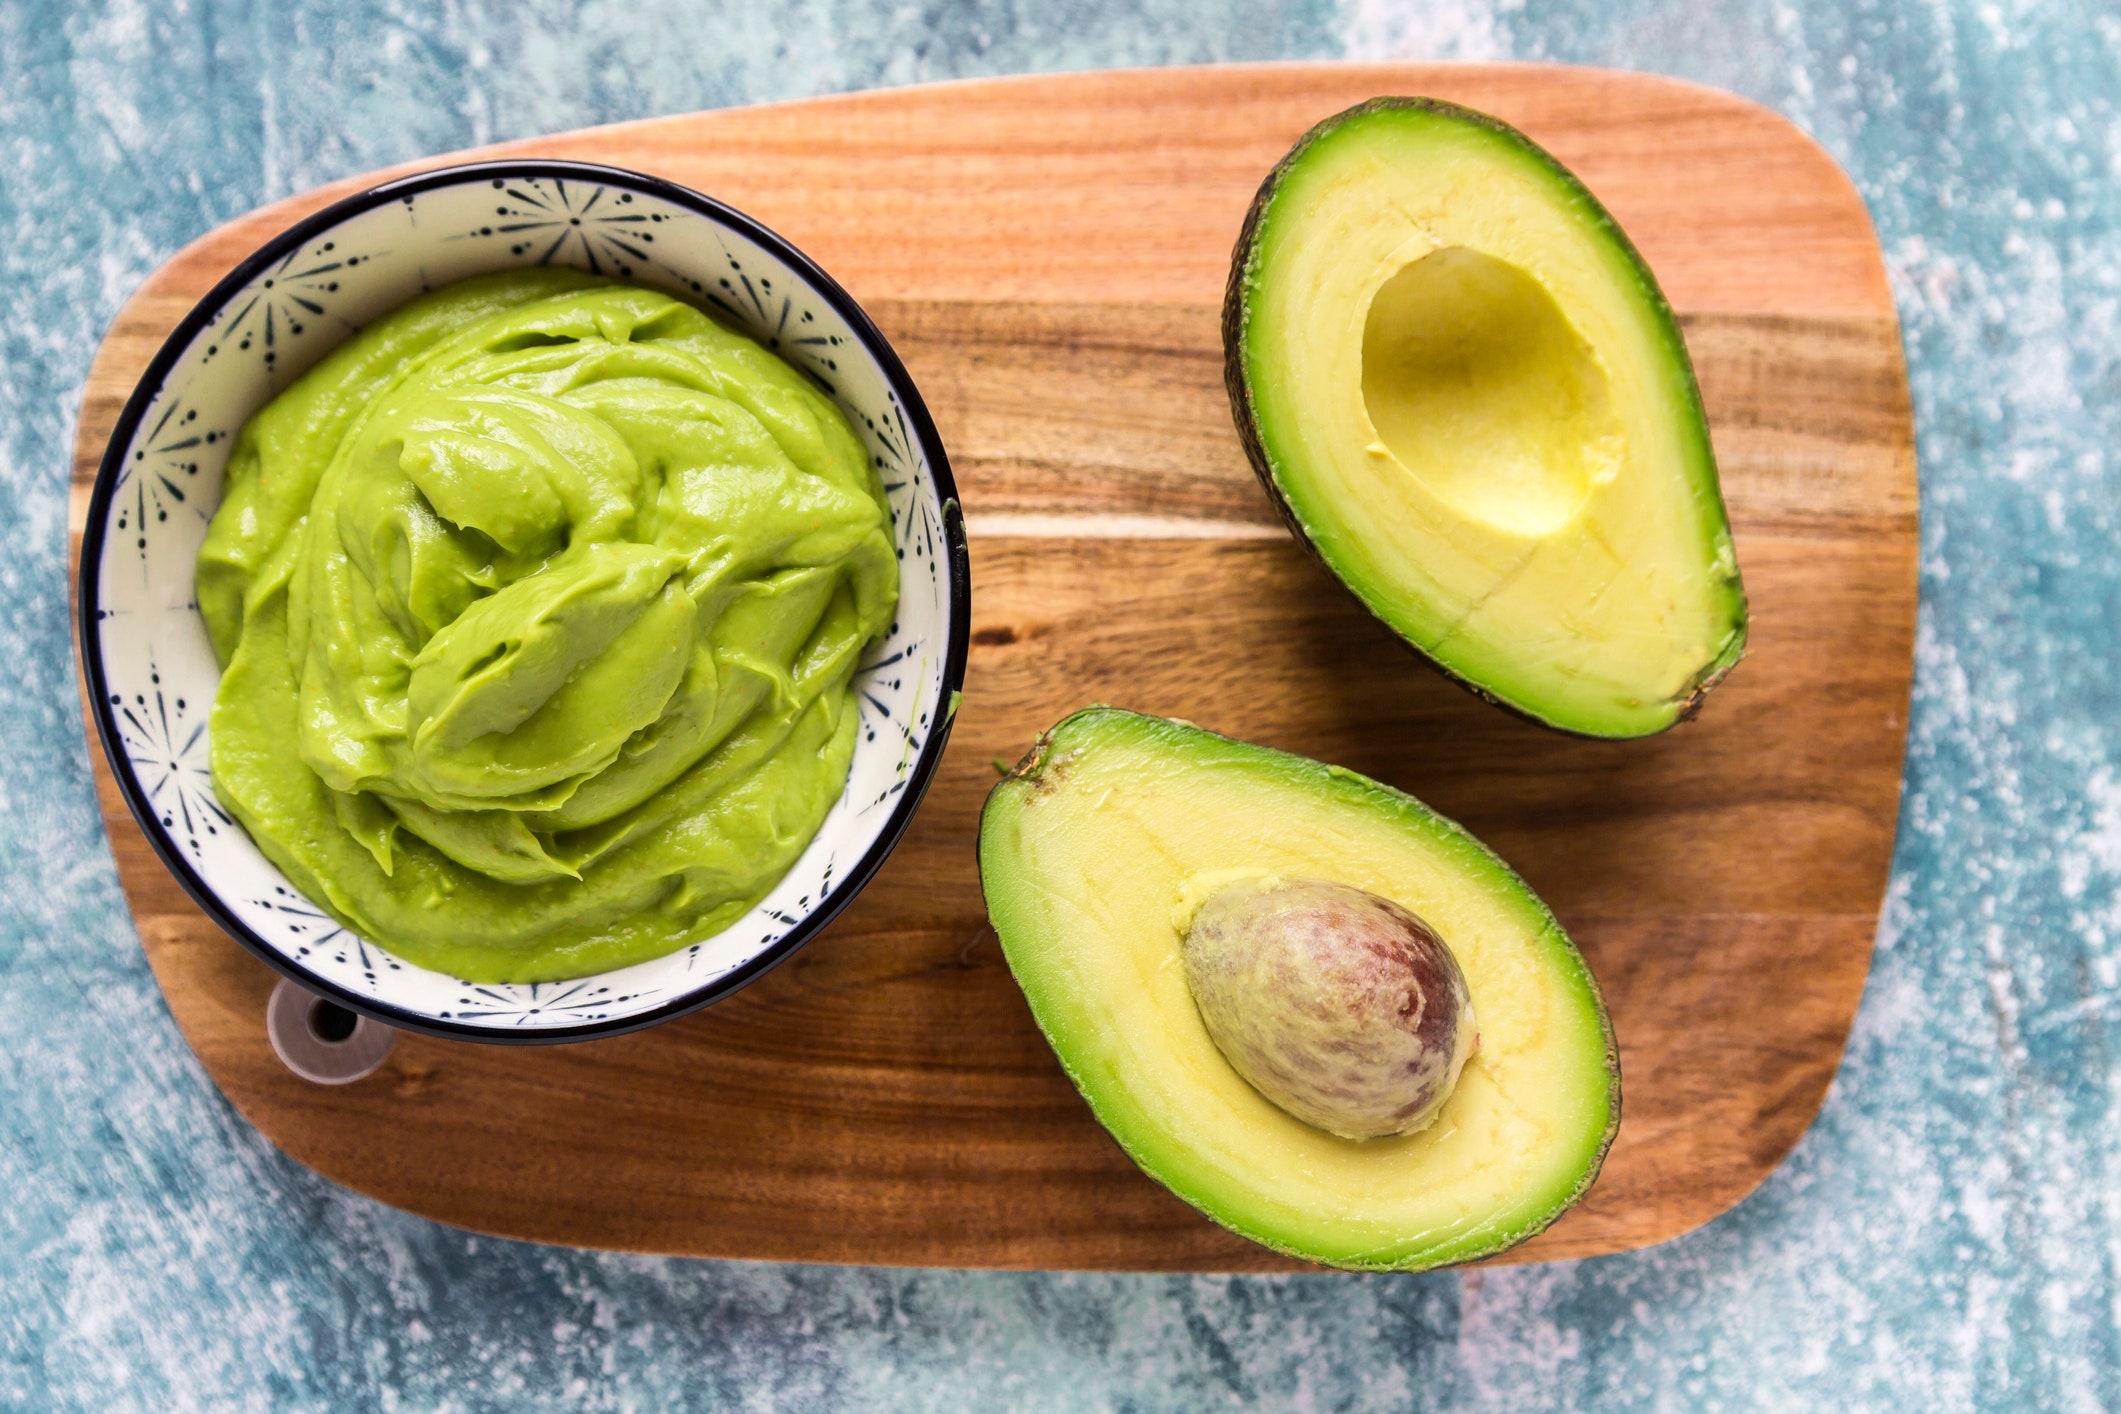 Axit béo tốt giúp vòng hai thon gọn hơn